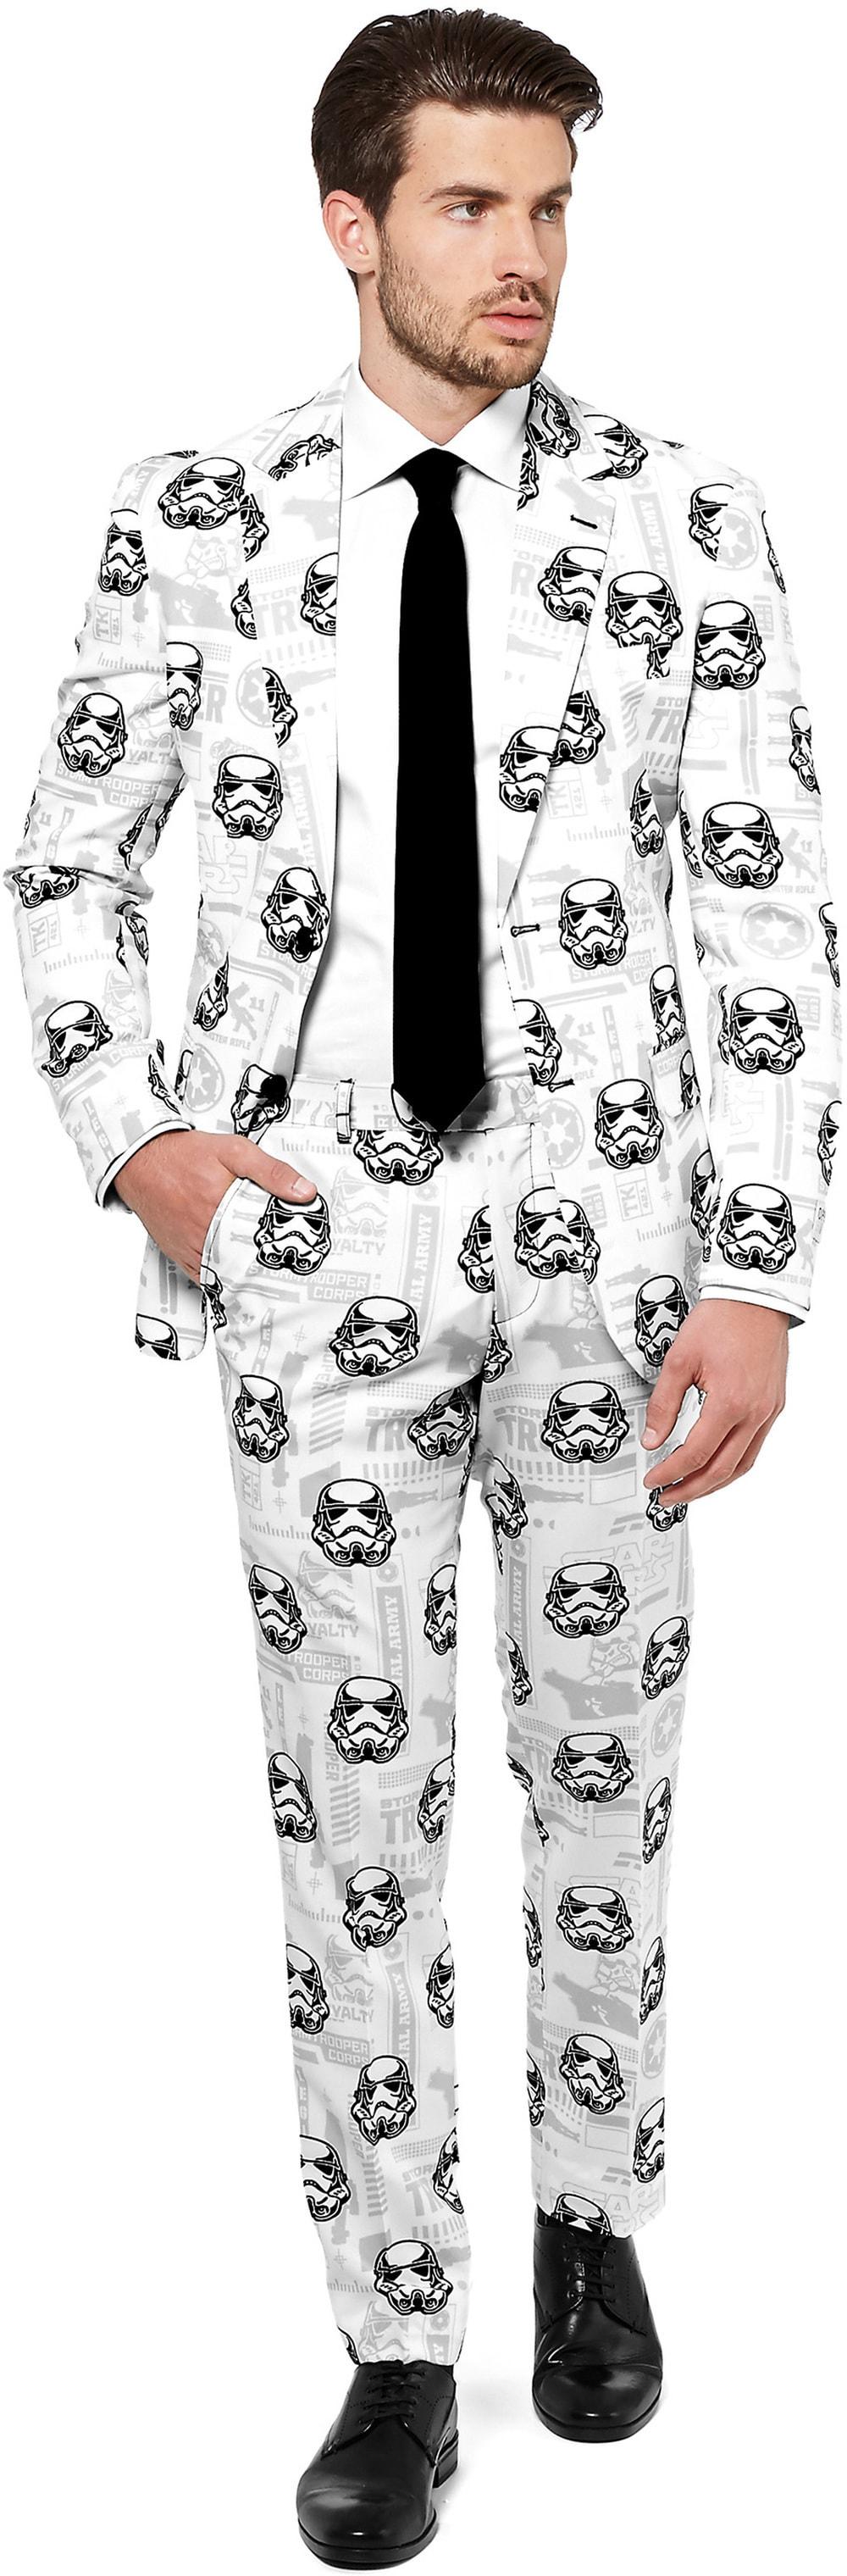 kostuum online bestellen